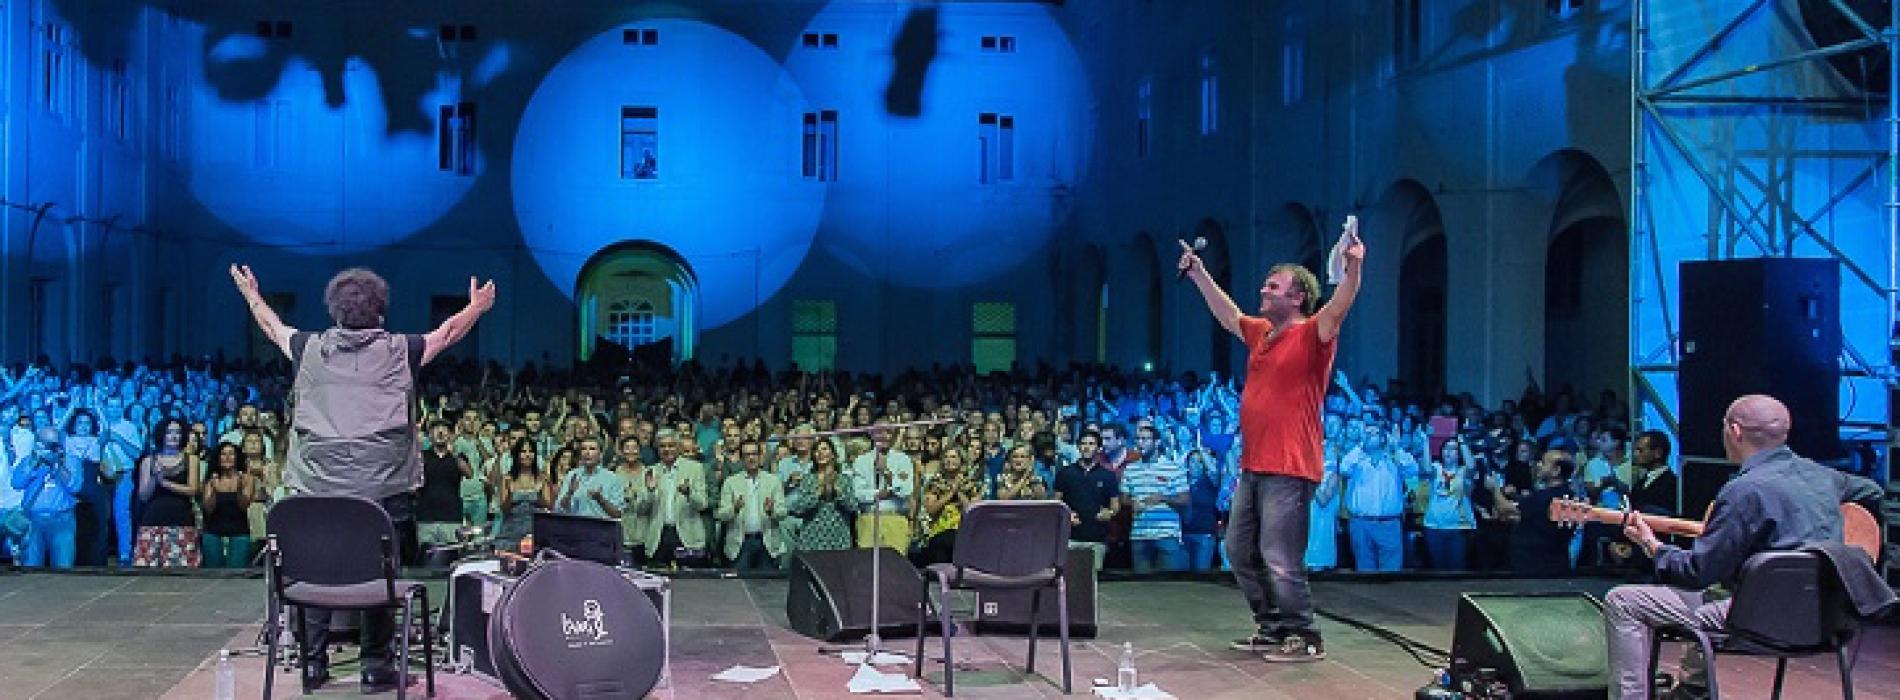 Festa della Musica anche a Caserta, si suona a Corso Trieste